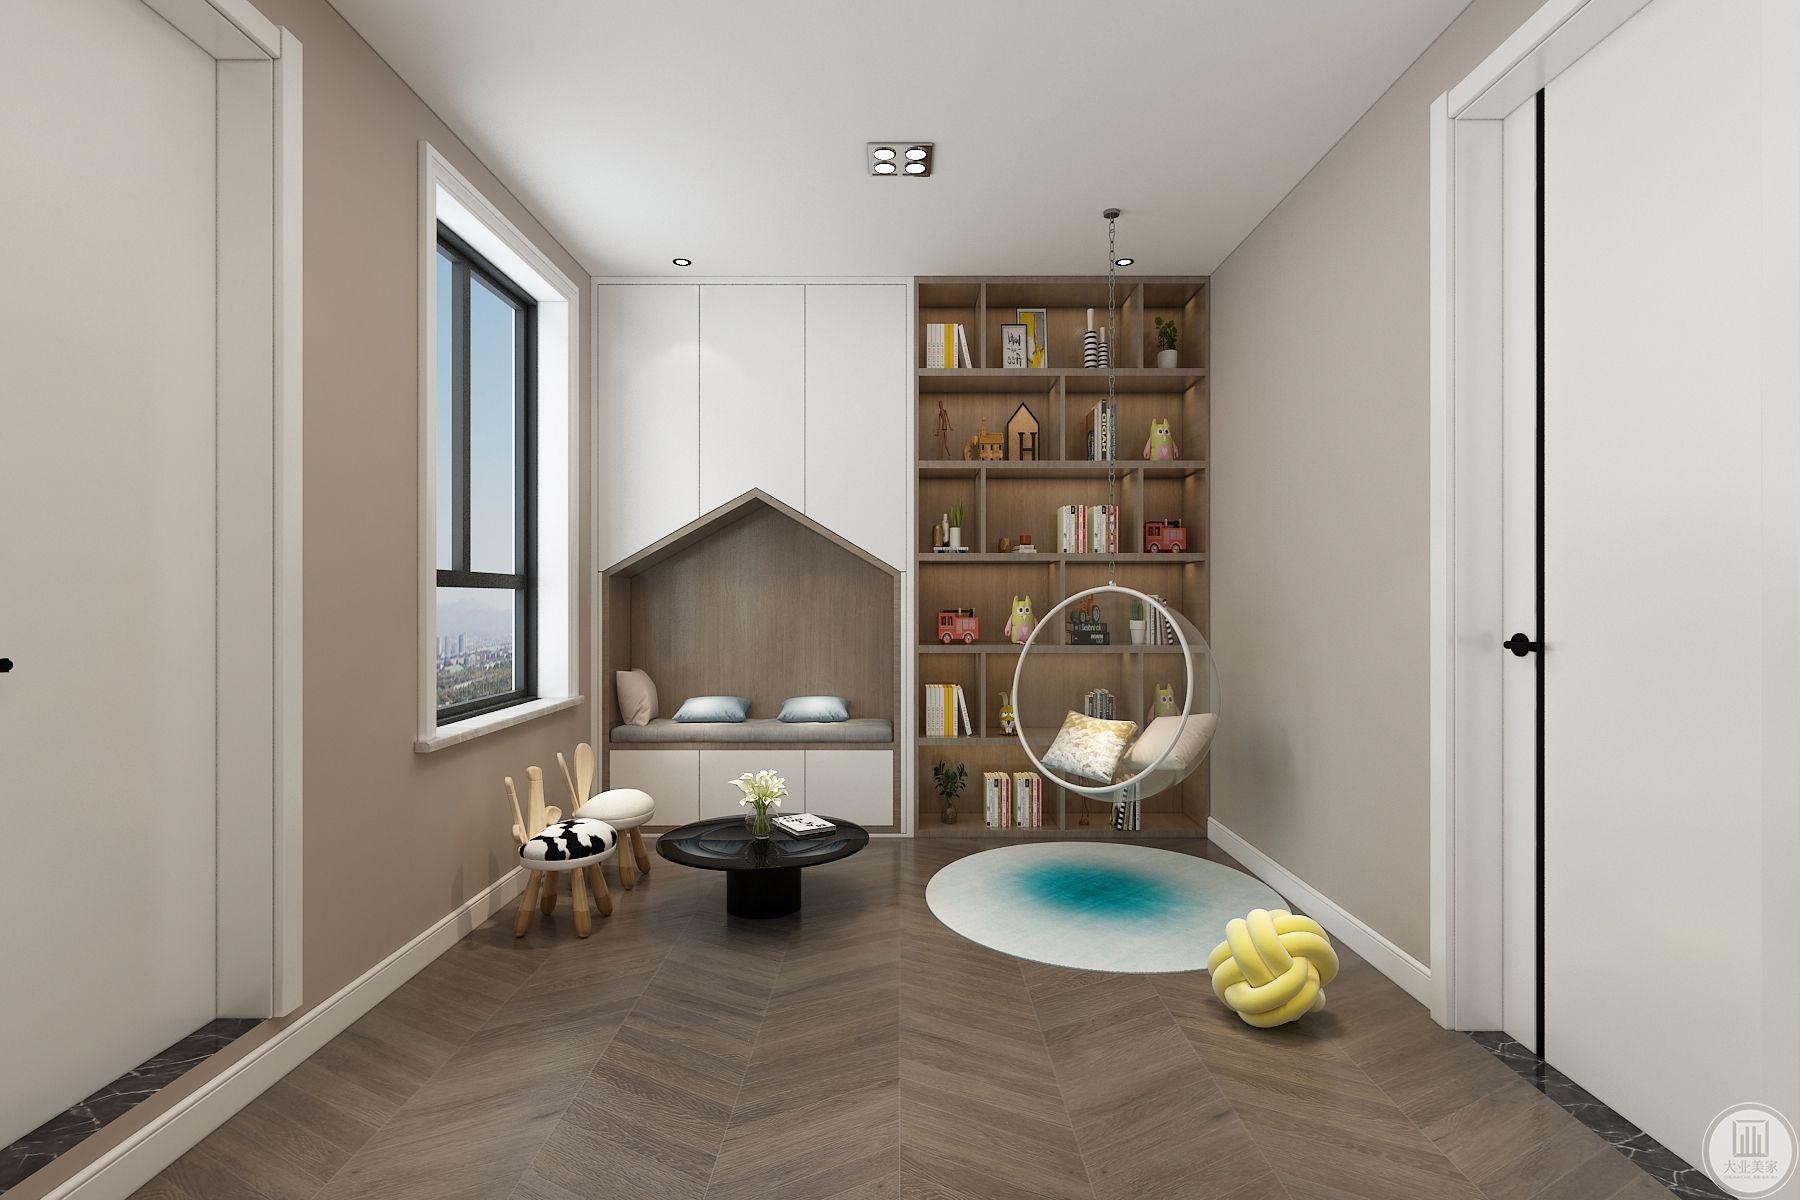 儿童空间地面用木地板做人字拼,简单洋气,前面书柜加储物柜,增加储物空间